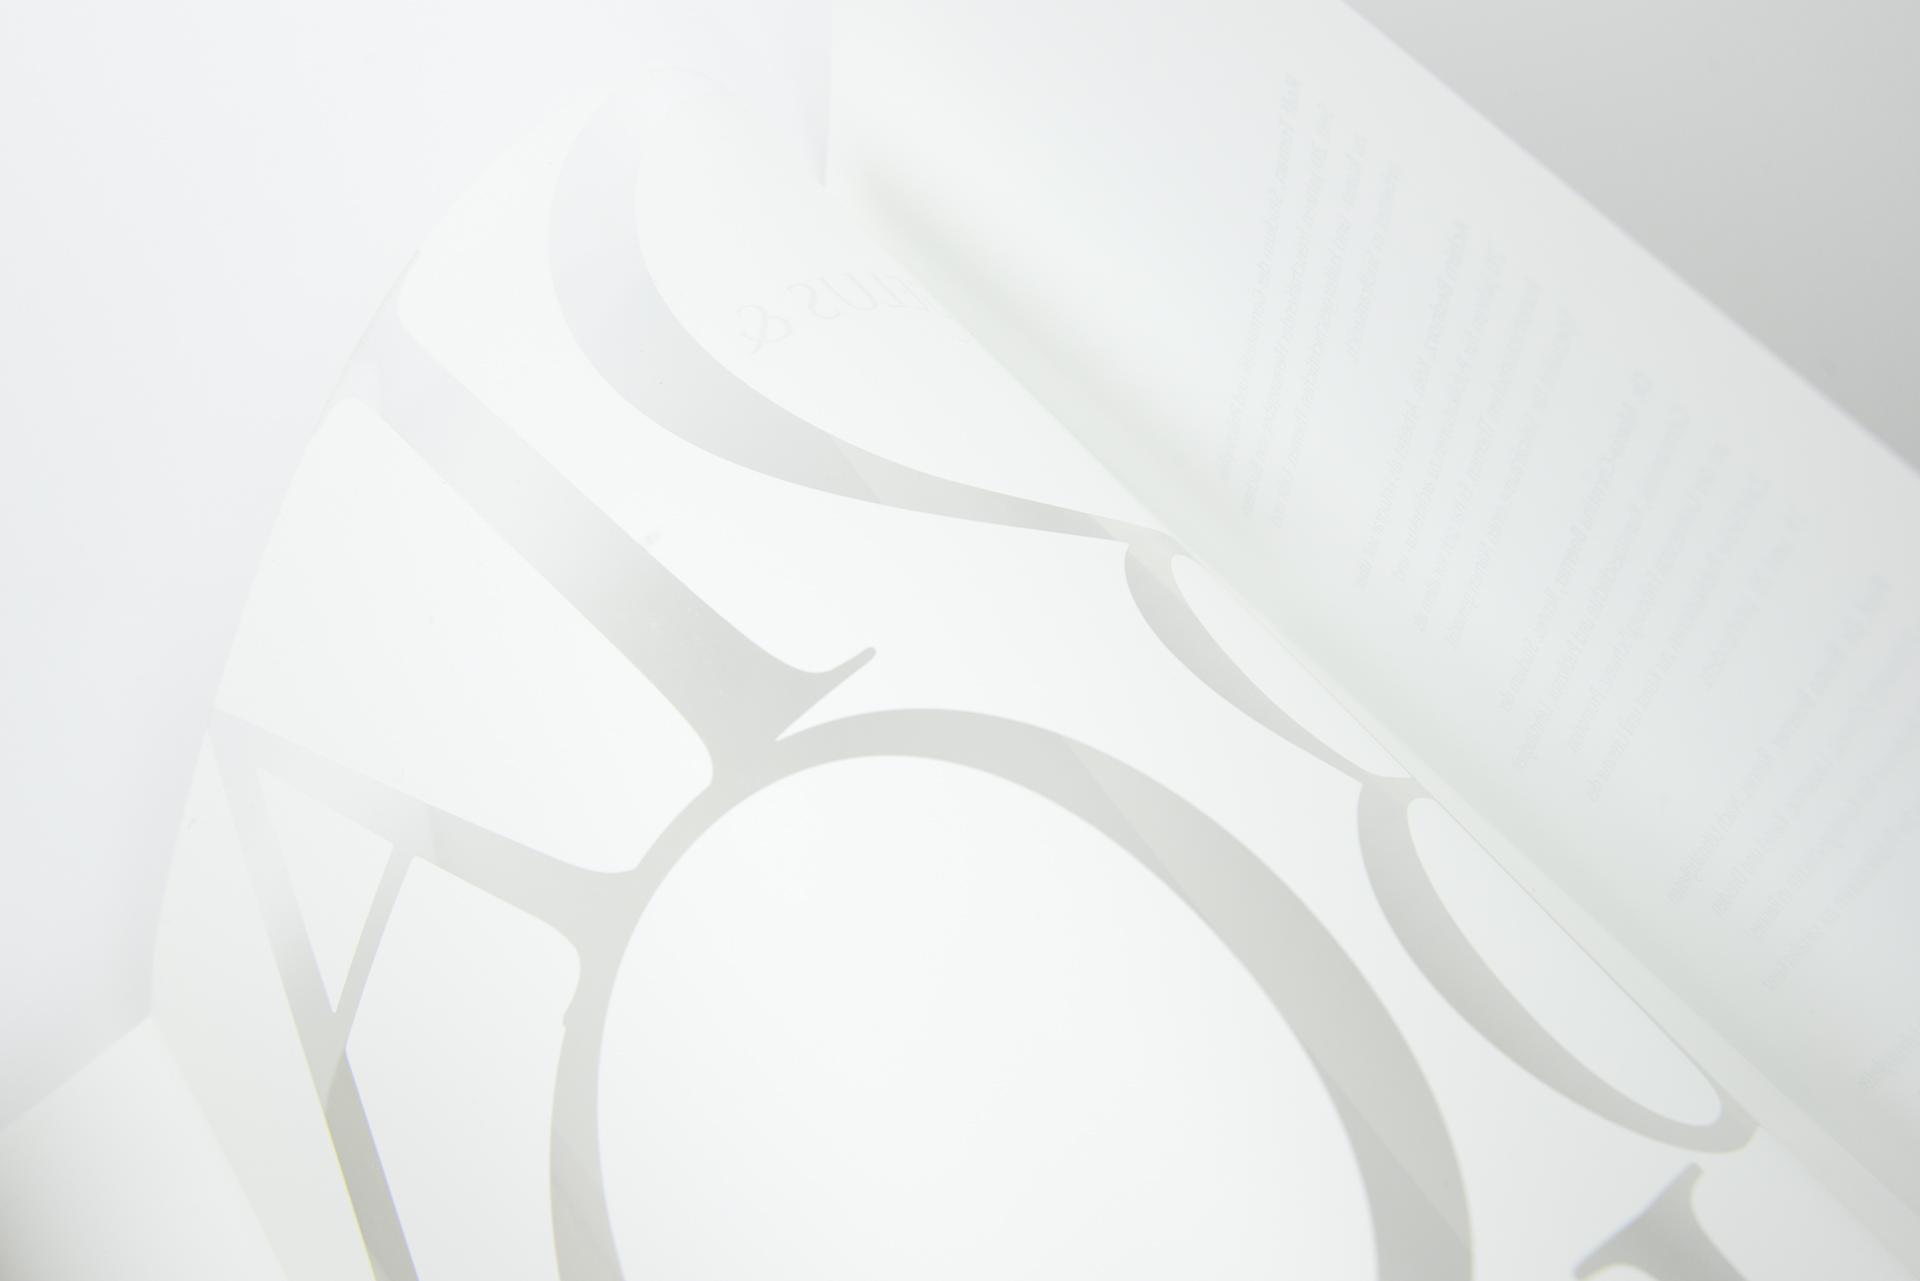 quandelstaudtdesign_angelusdiabolus_01